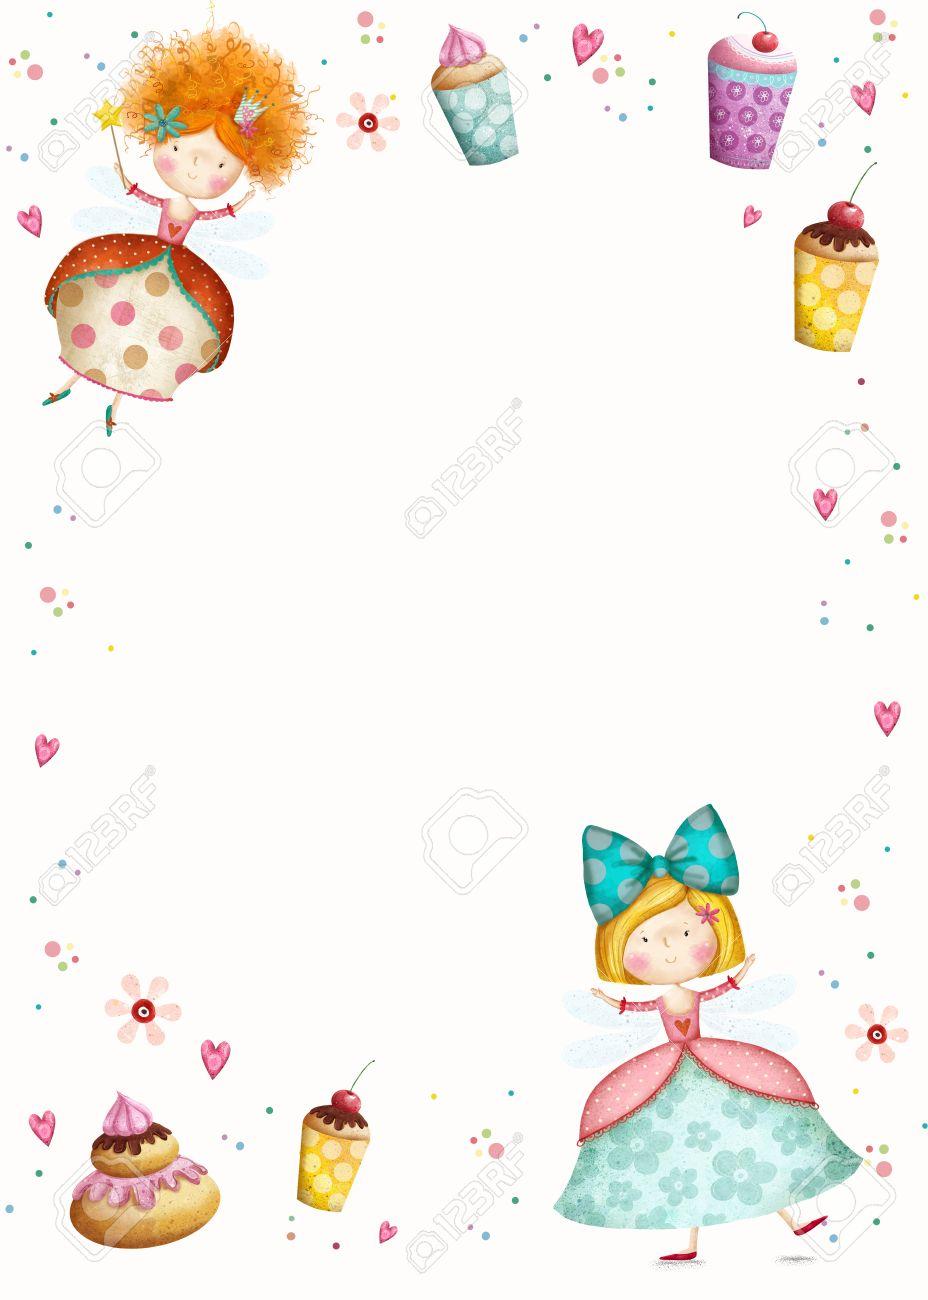 幸せな誕生日 invitation party の招待 カップケーキの花 ハートで